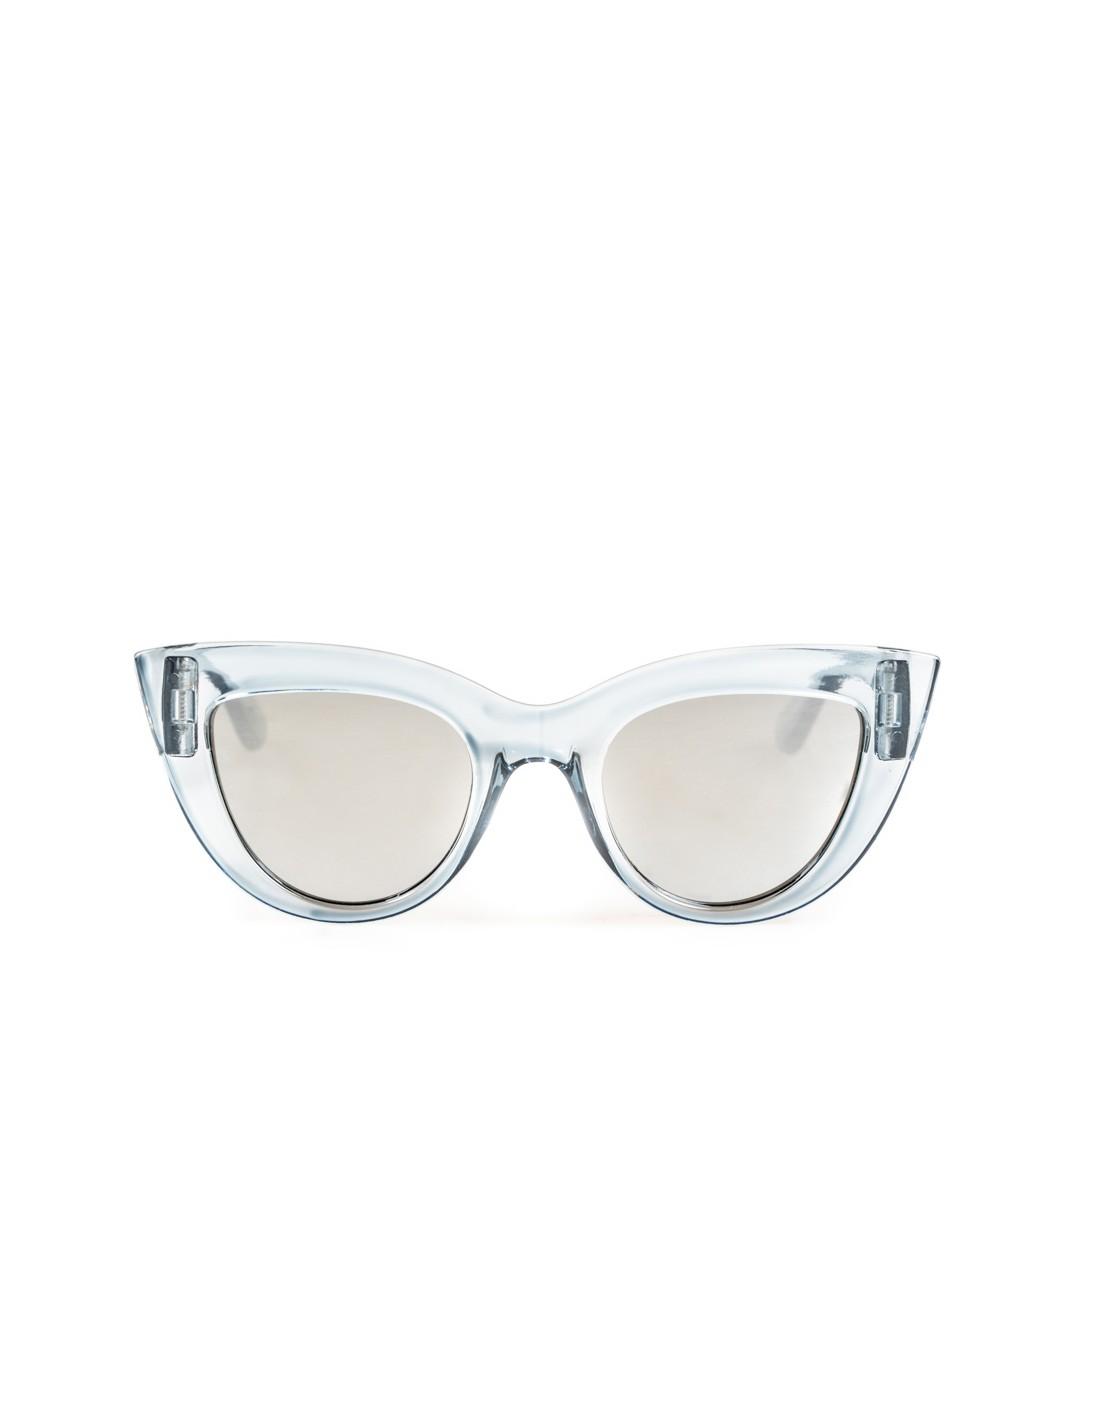 Occhiali da sole con lenti policarbonato a specchio